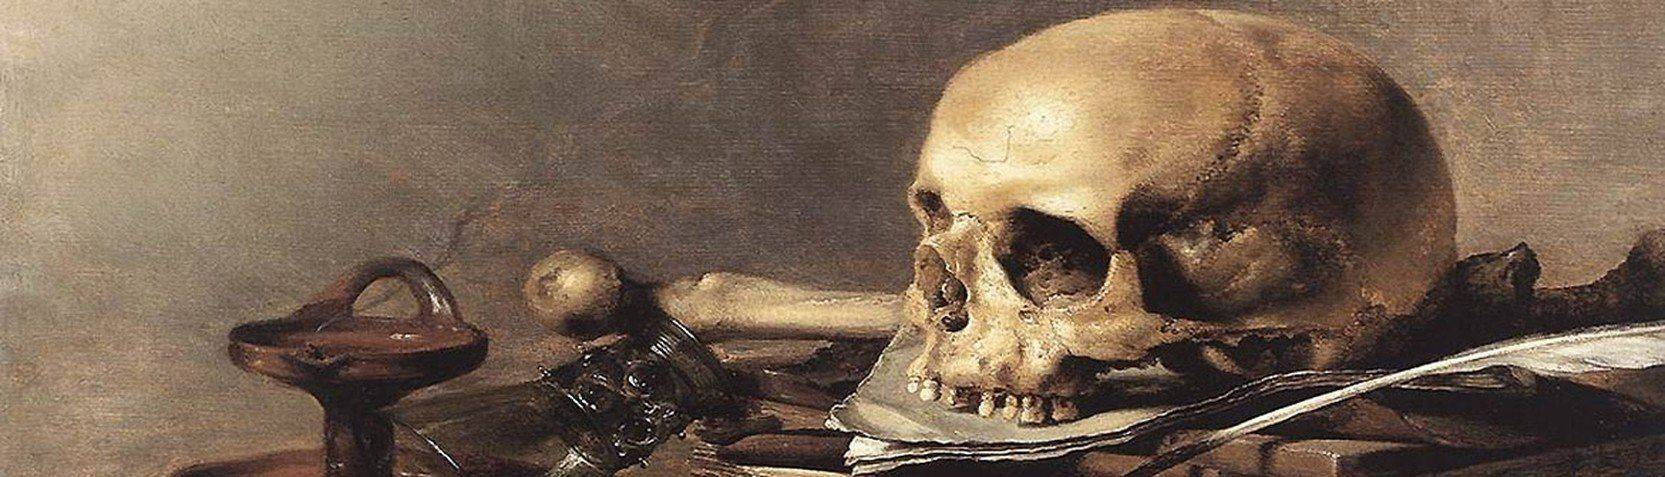 Kollektioner - Död och sorg